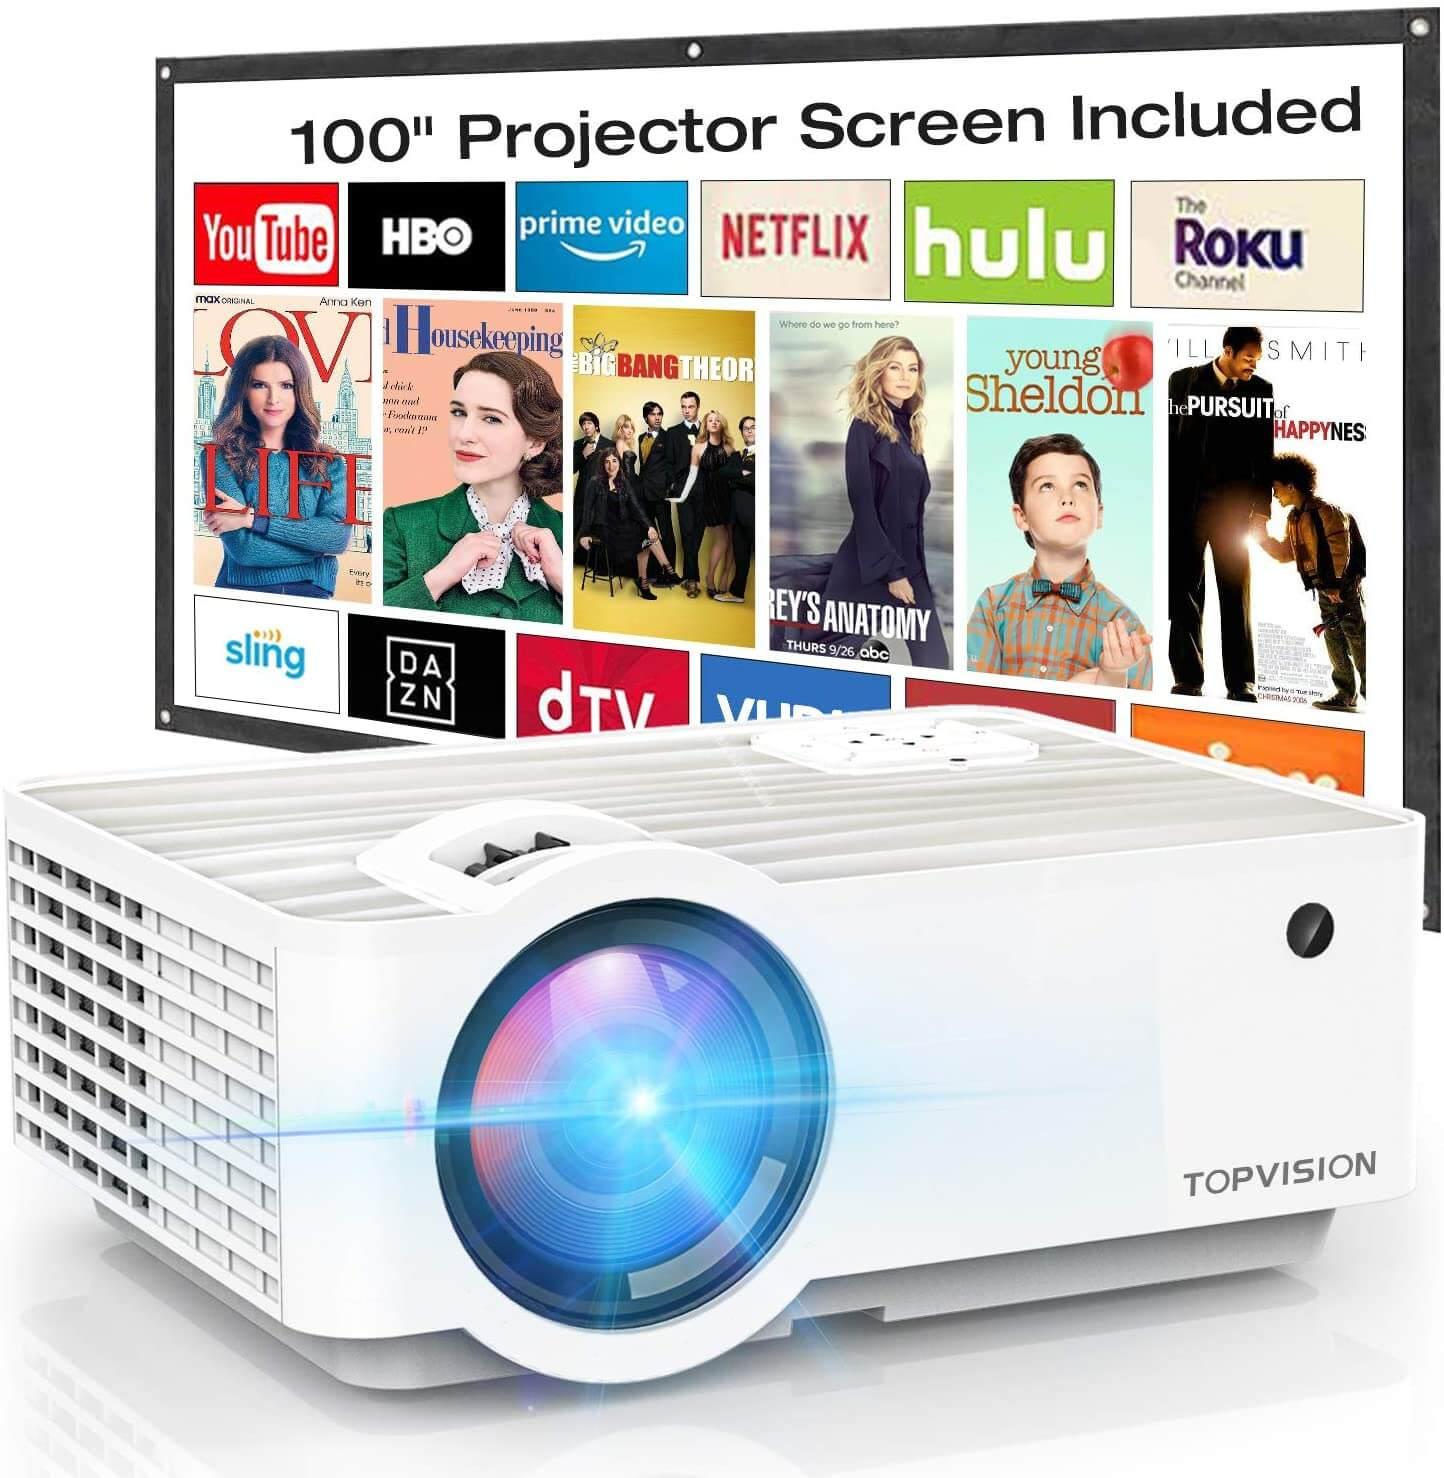 TOPVISION 5500L Portable Mini Projector - $84.99